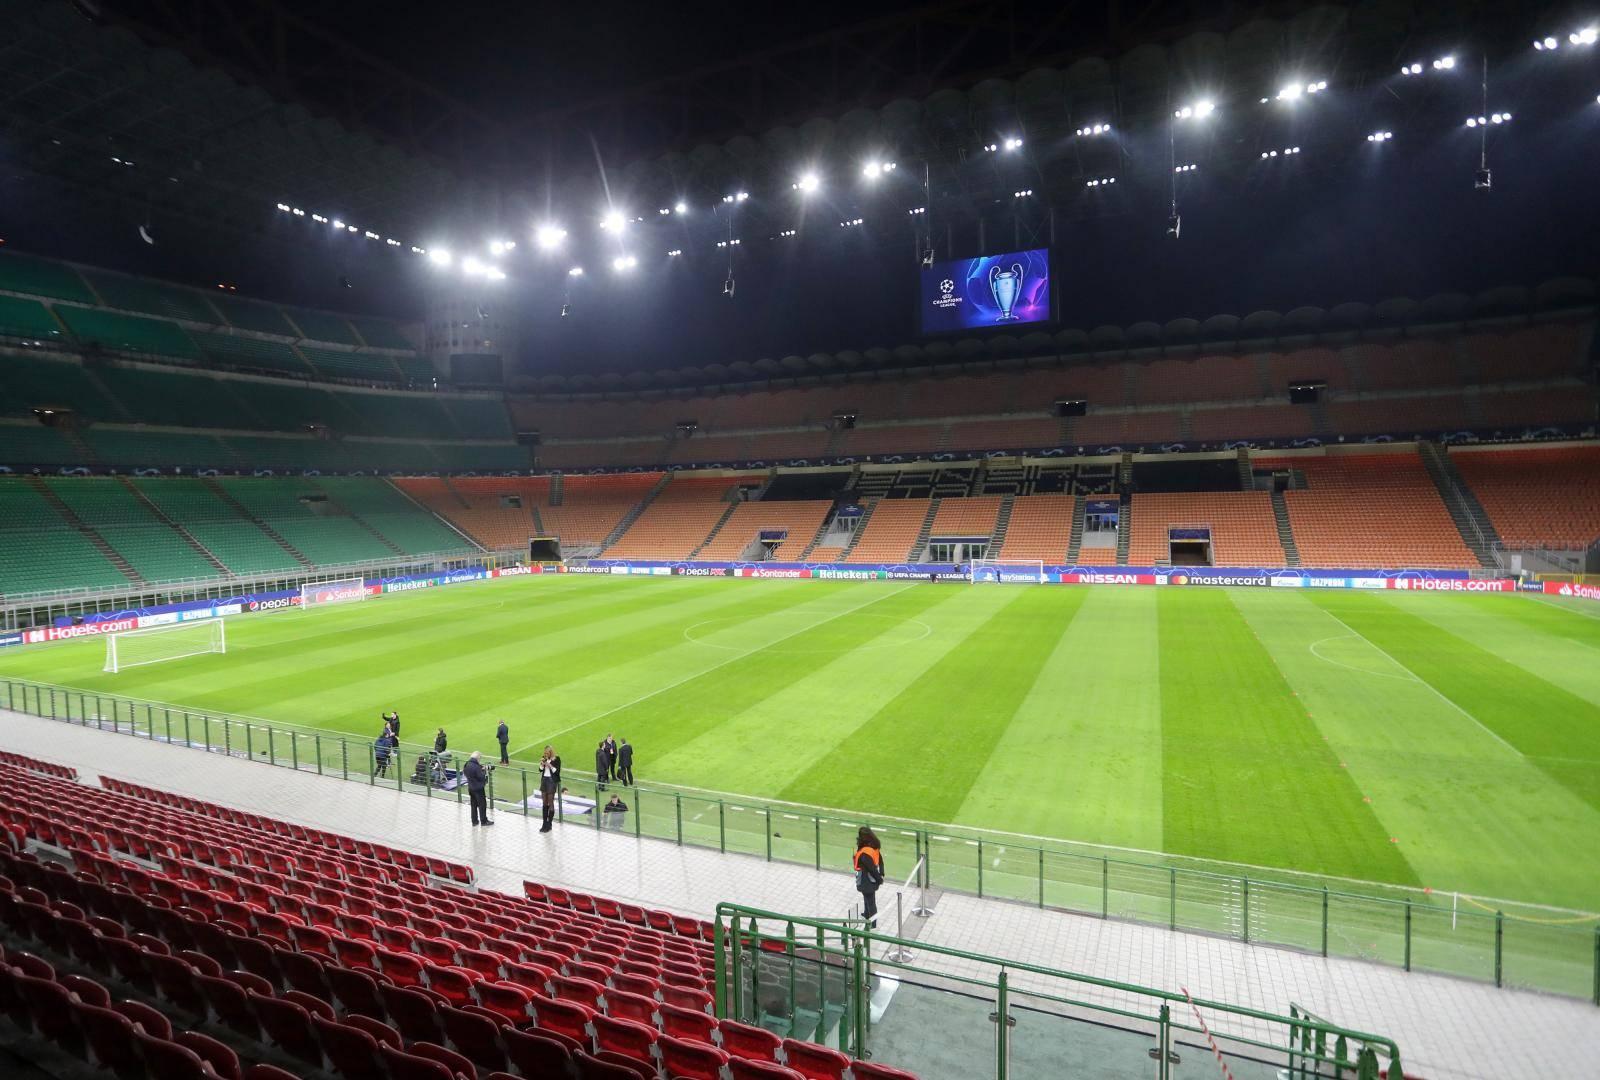 Milano: Trening GNK Dinamo uoči utakmice protiv Atalante